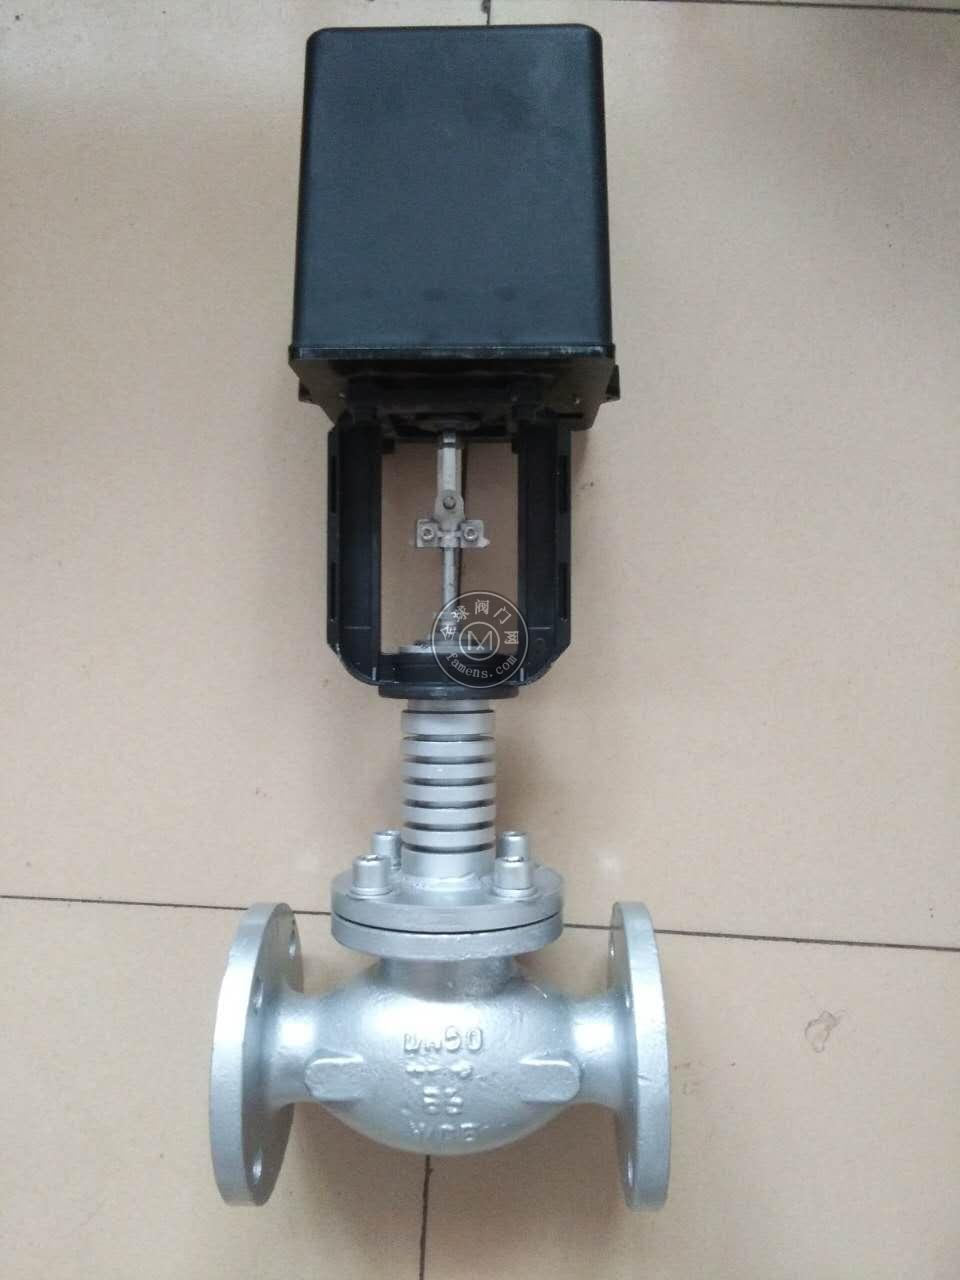 蒸汽电动二通调节阀原理,河北蒸汽电动二通阀,电动蒸汽调节阀供应商